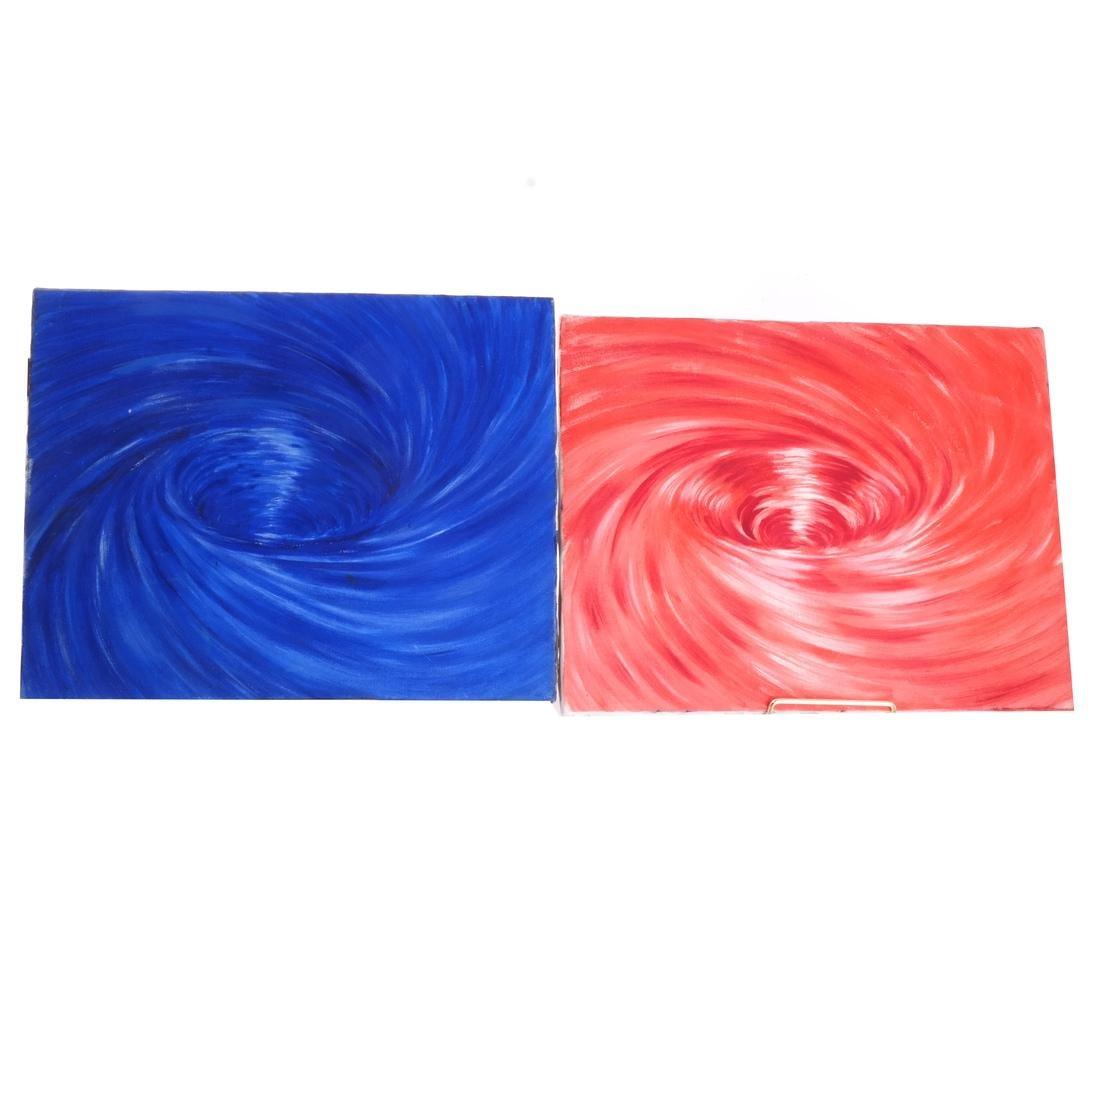 Ben Bianchi: Vortex, Set of Four Oils on Canvas - 2